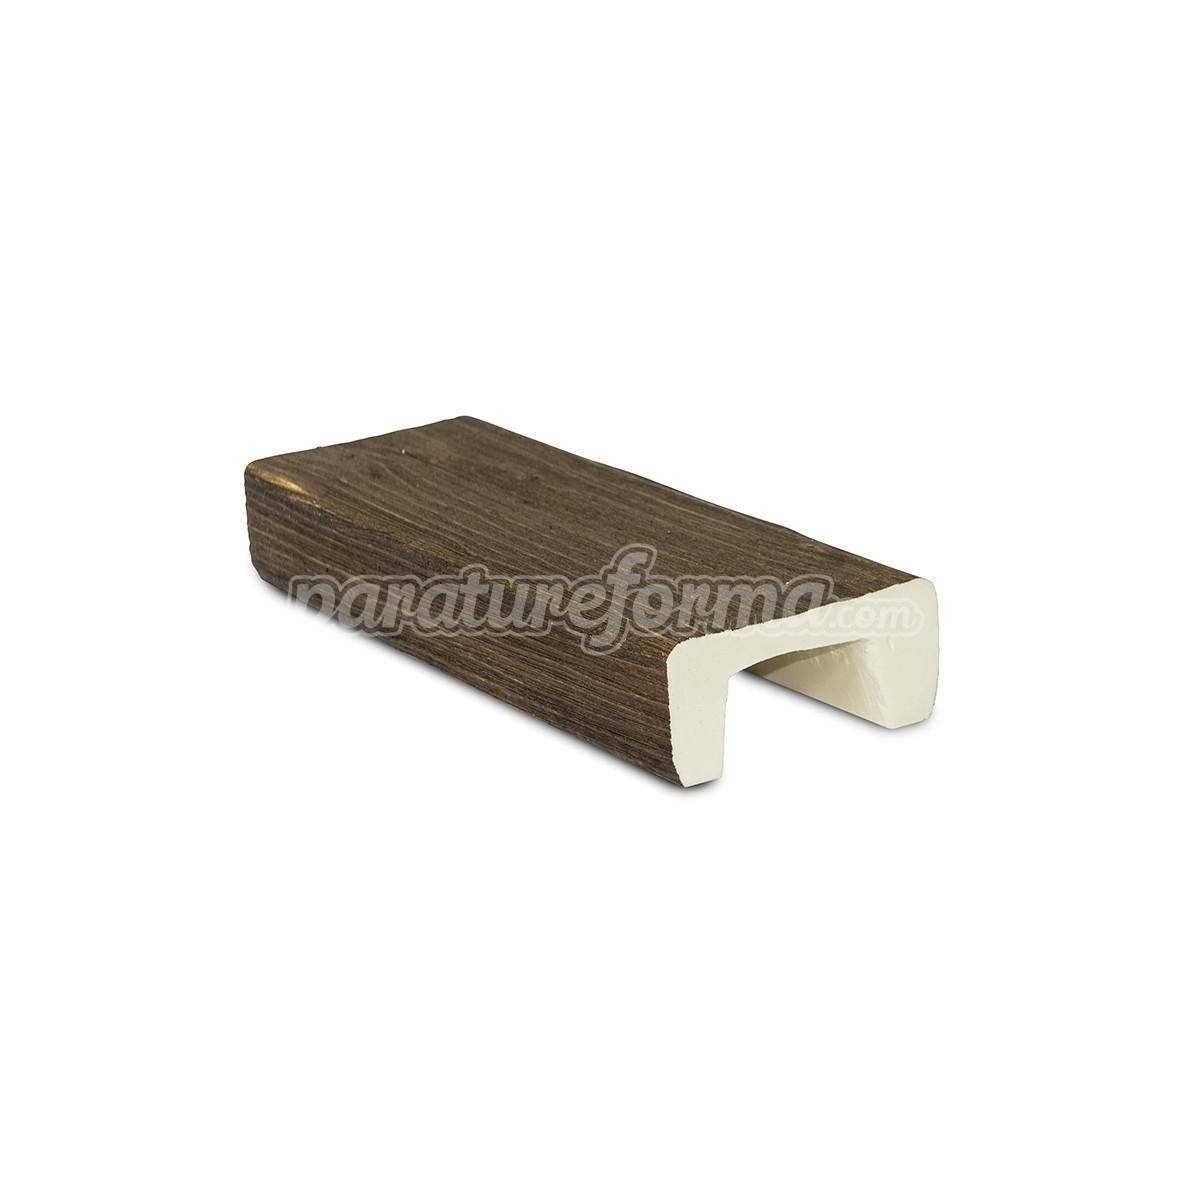 Viga 300x10x5 imitación madera Vigas imitación madera cuadradas